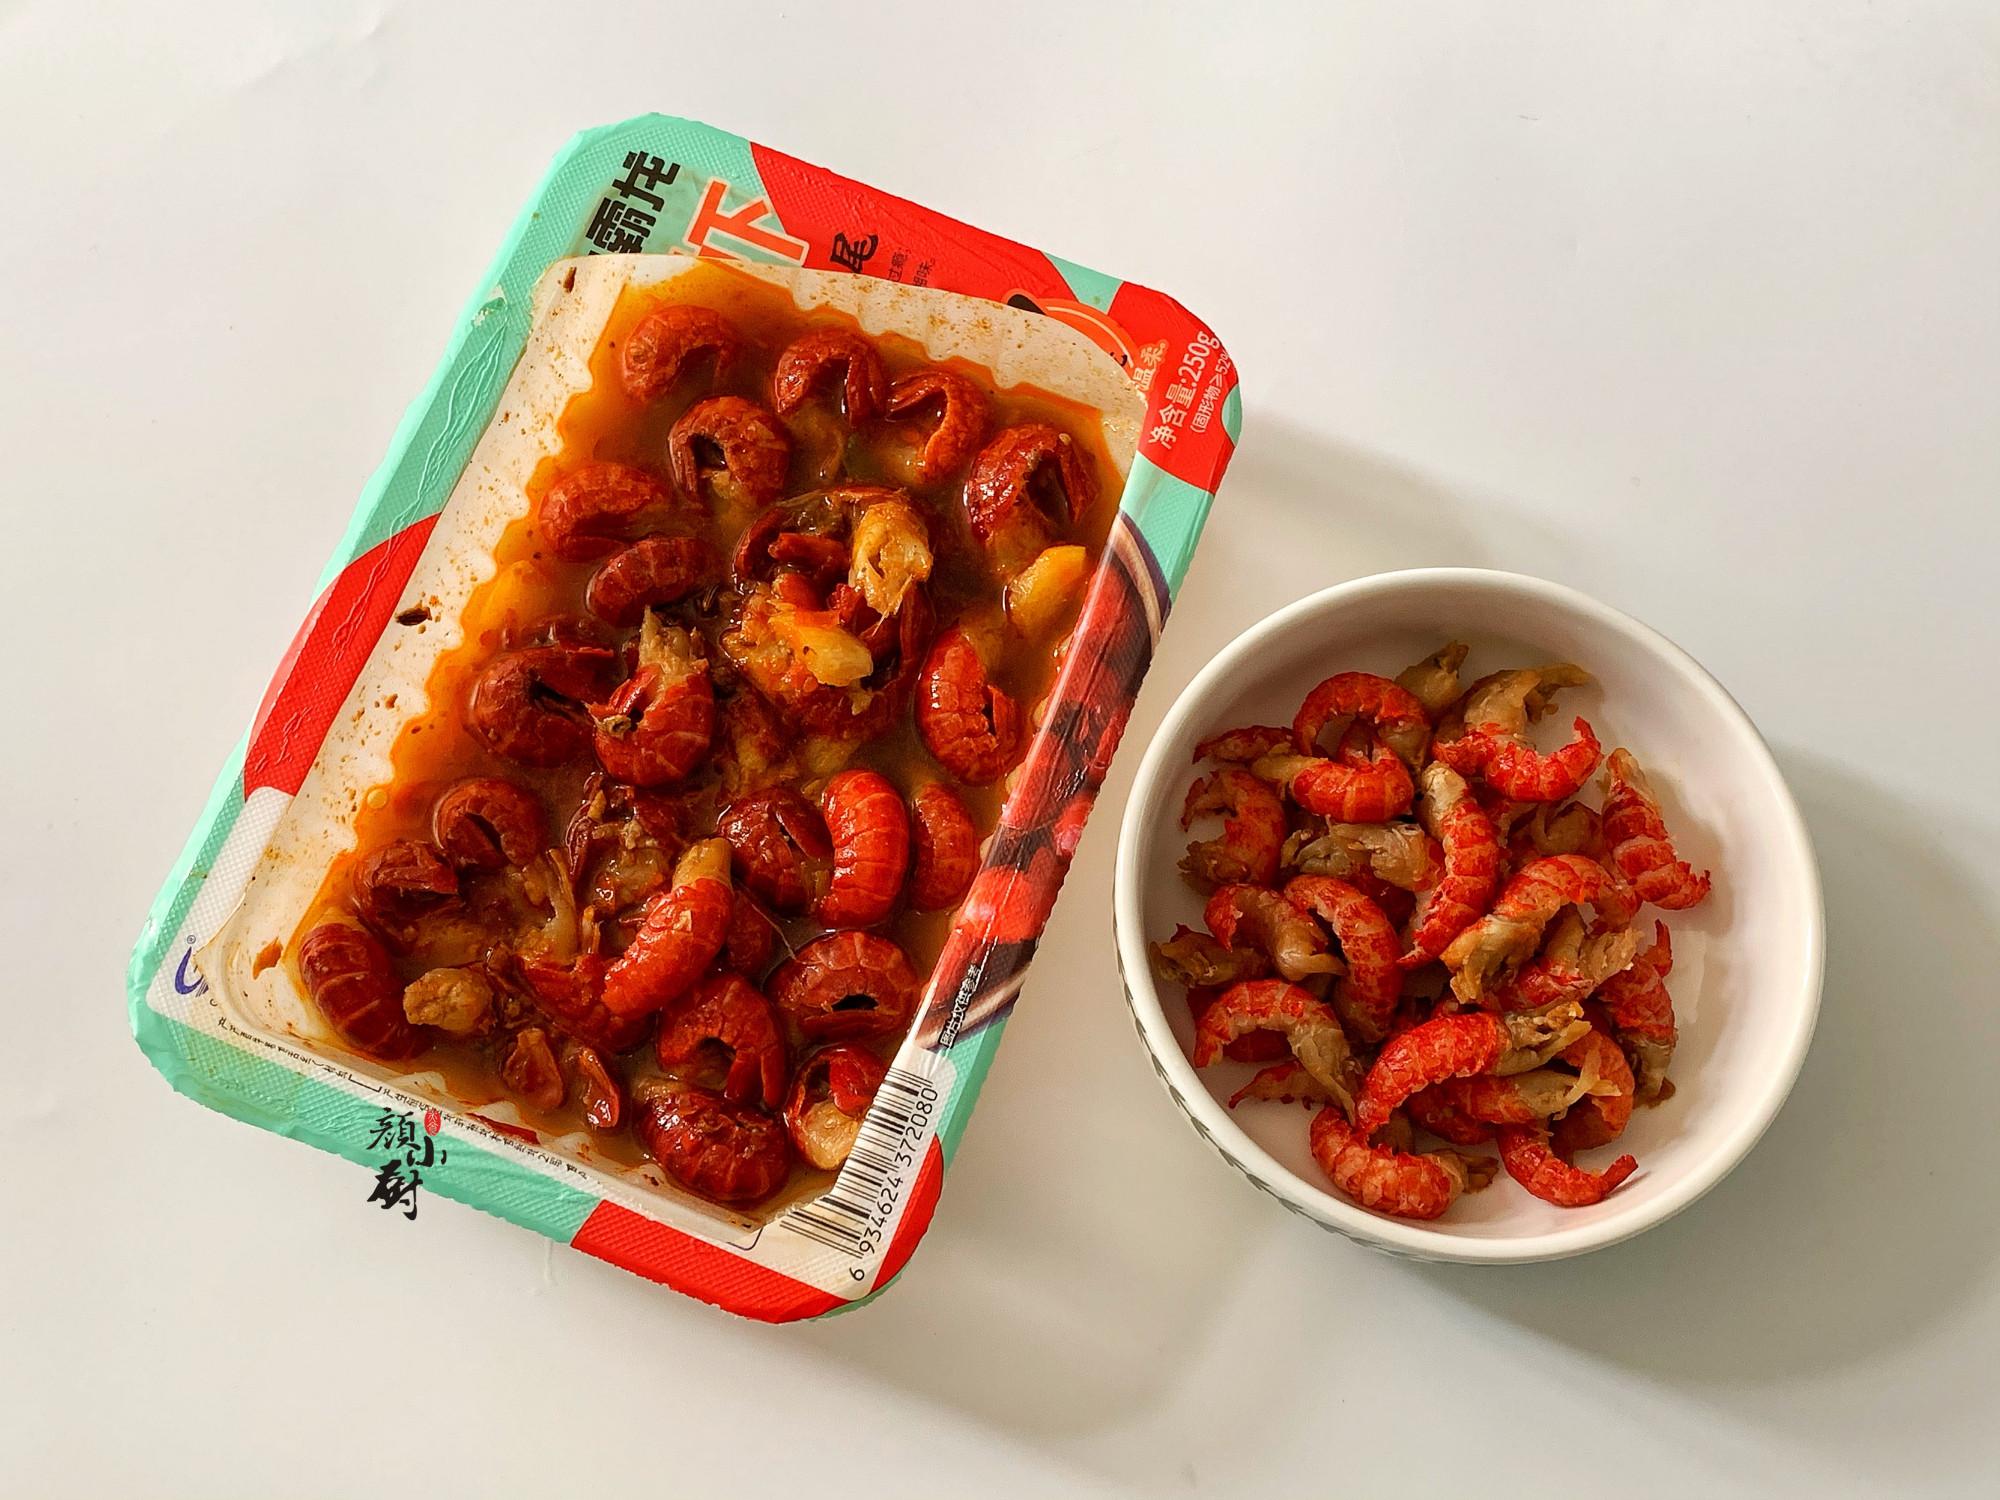 4月最馋这肉,煮一煮5分钟就好,鲜到流口水,好吃停不下筷子 美食做法 第5张